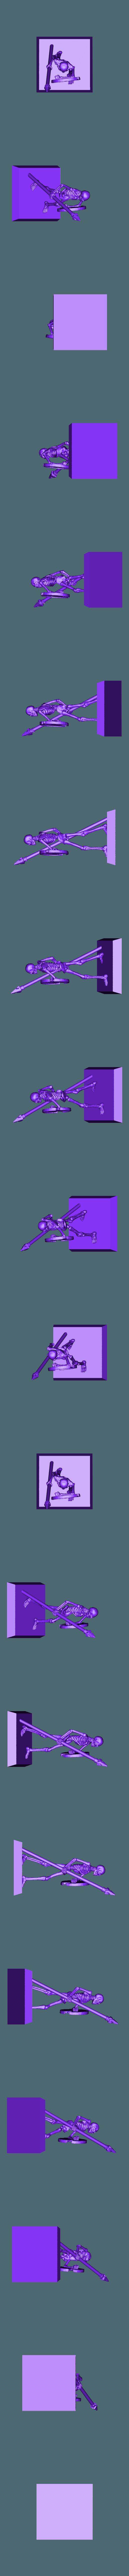 skeleton_spearman_v2.1.stl Télécharger fichier STL gratuit Skeleton Spearmen Miniatures verion #2 • Plan pour imprimante 3D, Ilhadiel